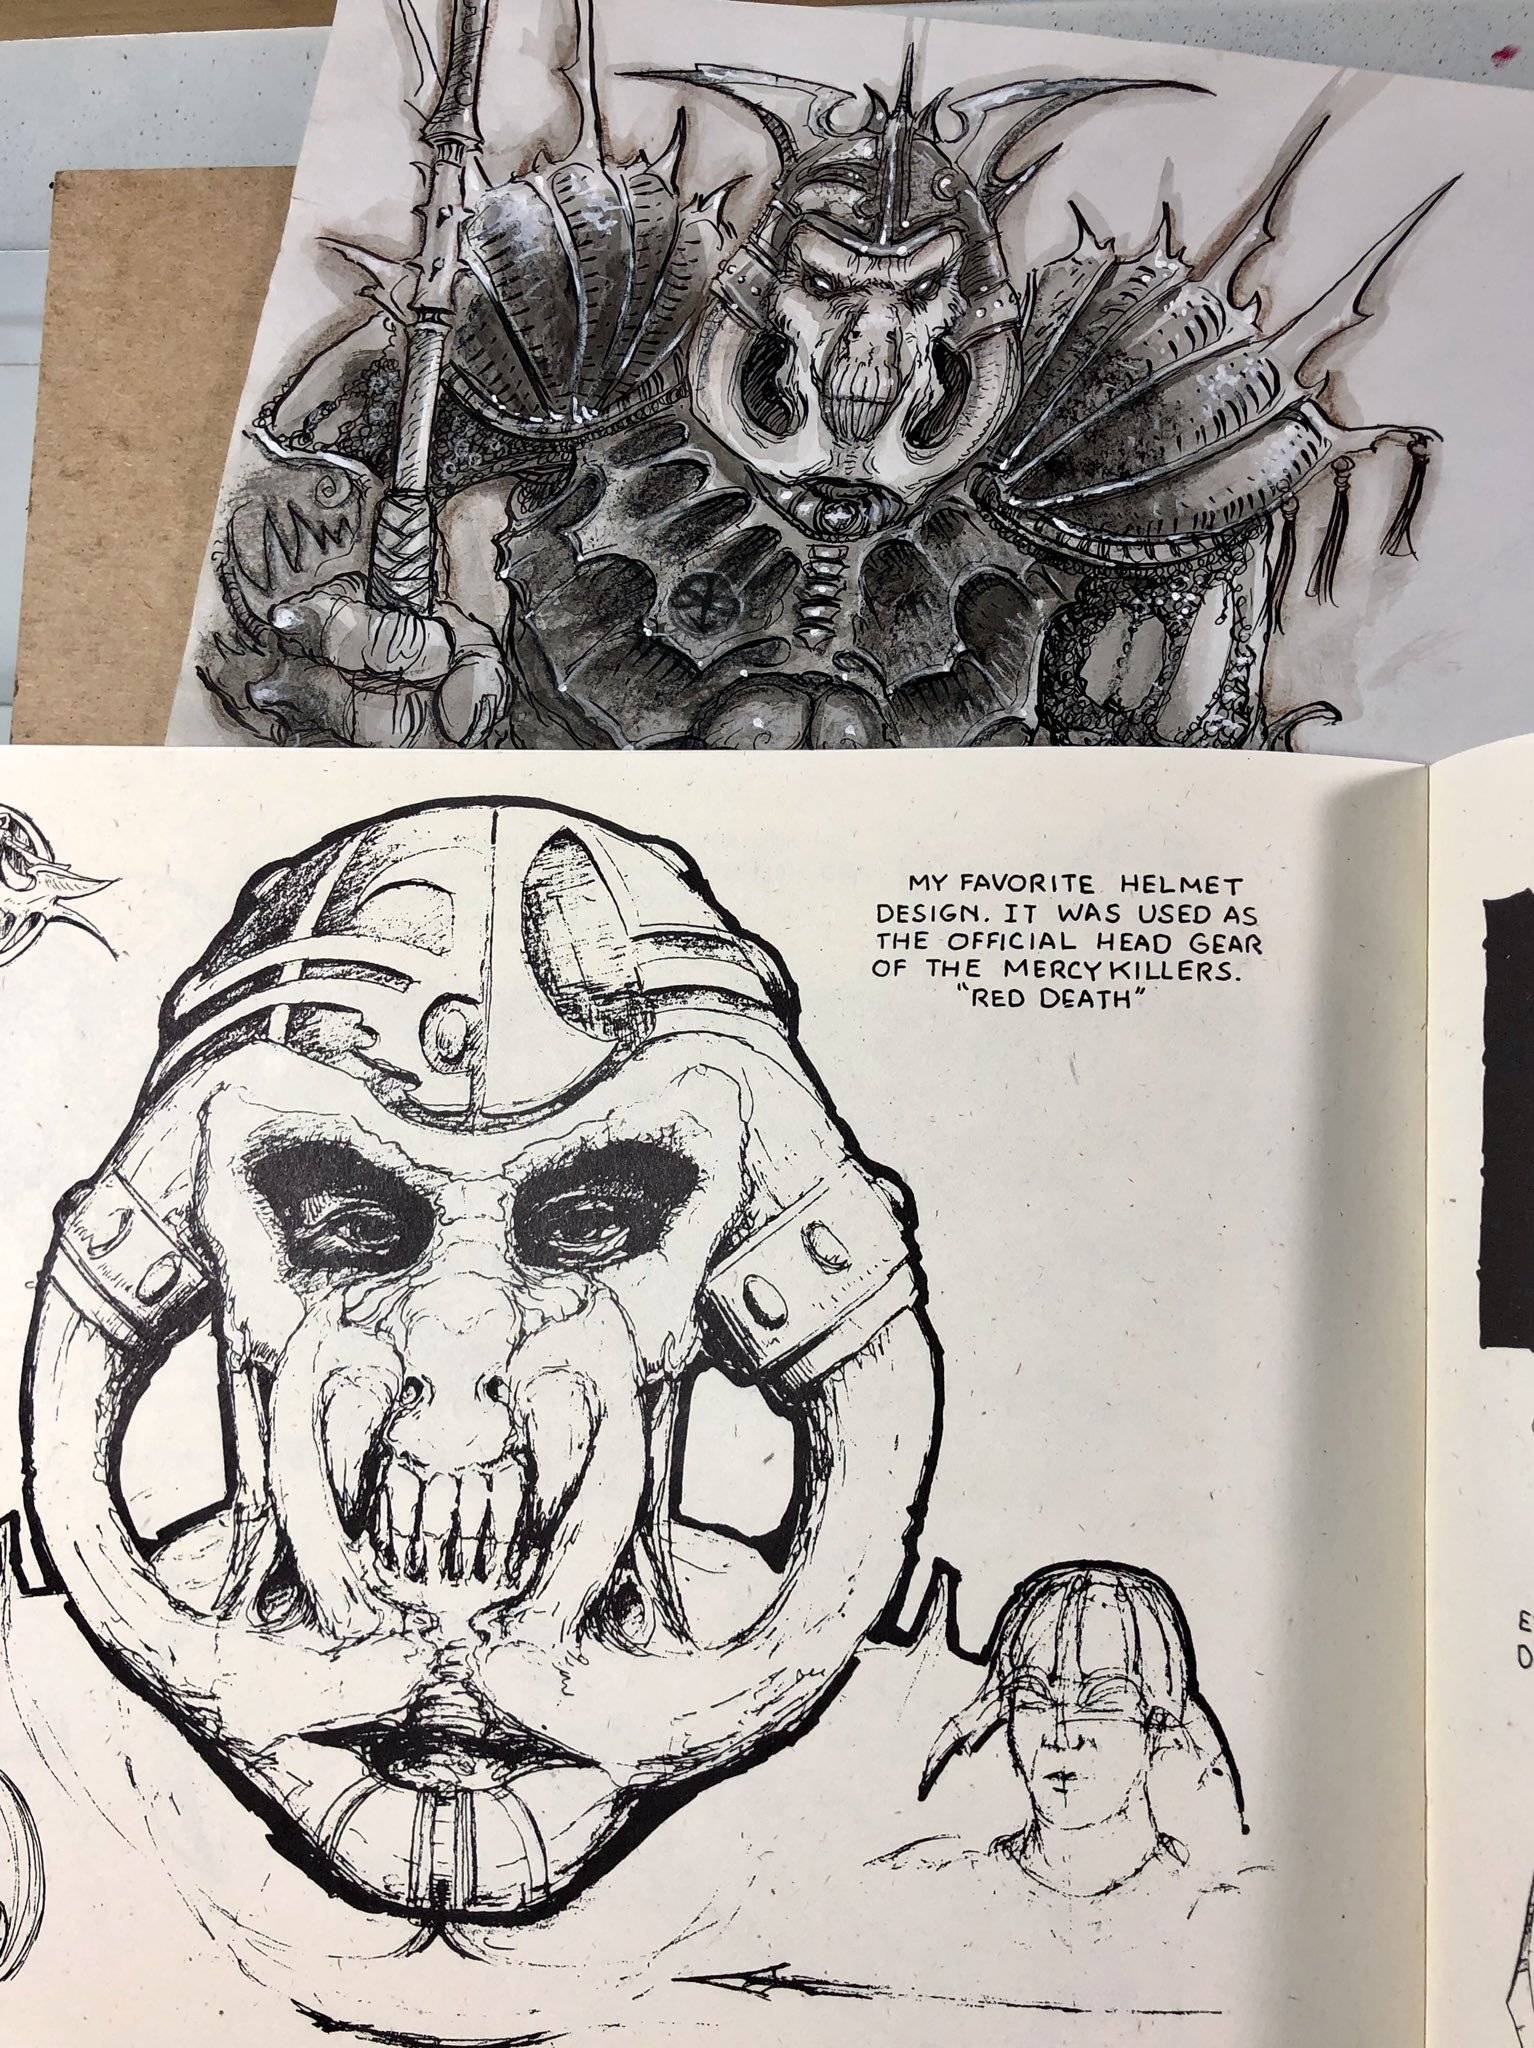 Арт: художник Planescape опубликовал ранние скетчи к 25-летию вселенной 14